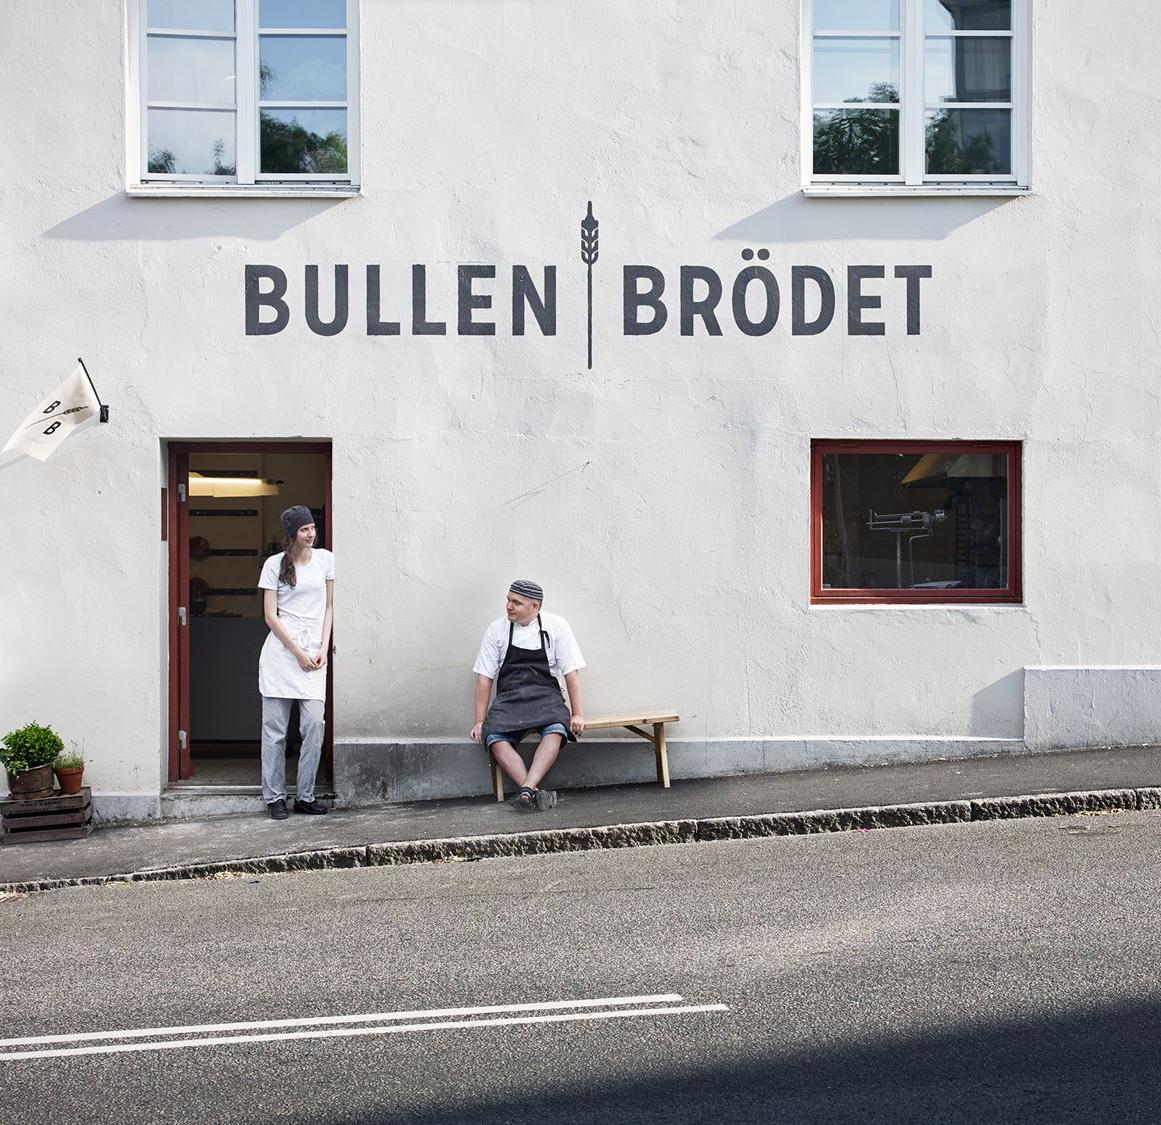 bullen-brodet